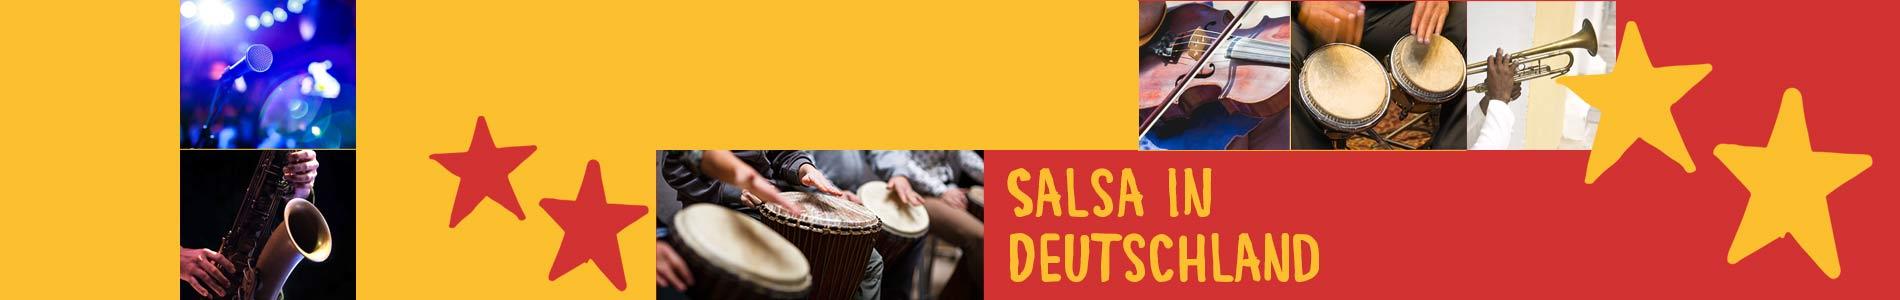 Salsa in Bruchmühlbach-Miesau – Salsa lernen und tanzen, Tanzkurse, Partys, Veranstaltungen